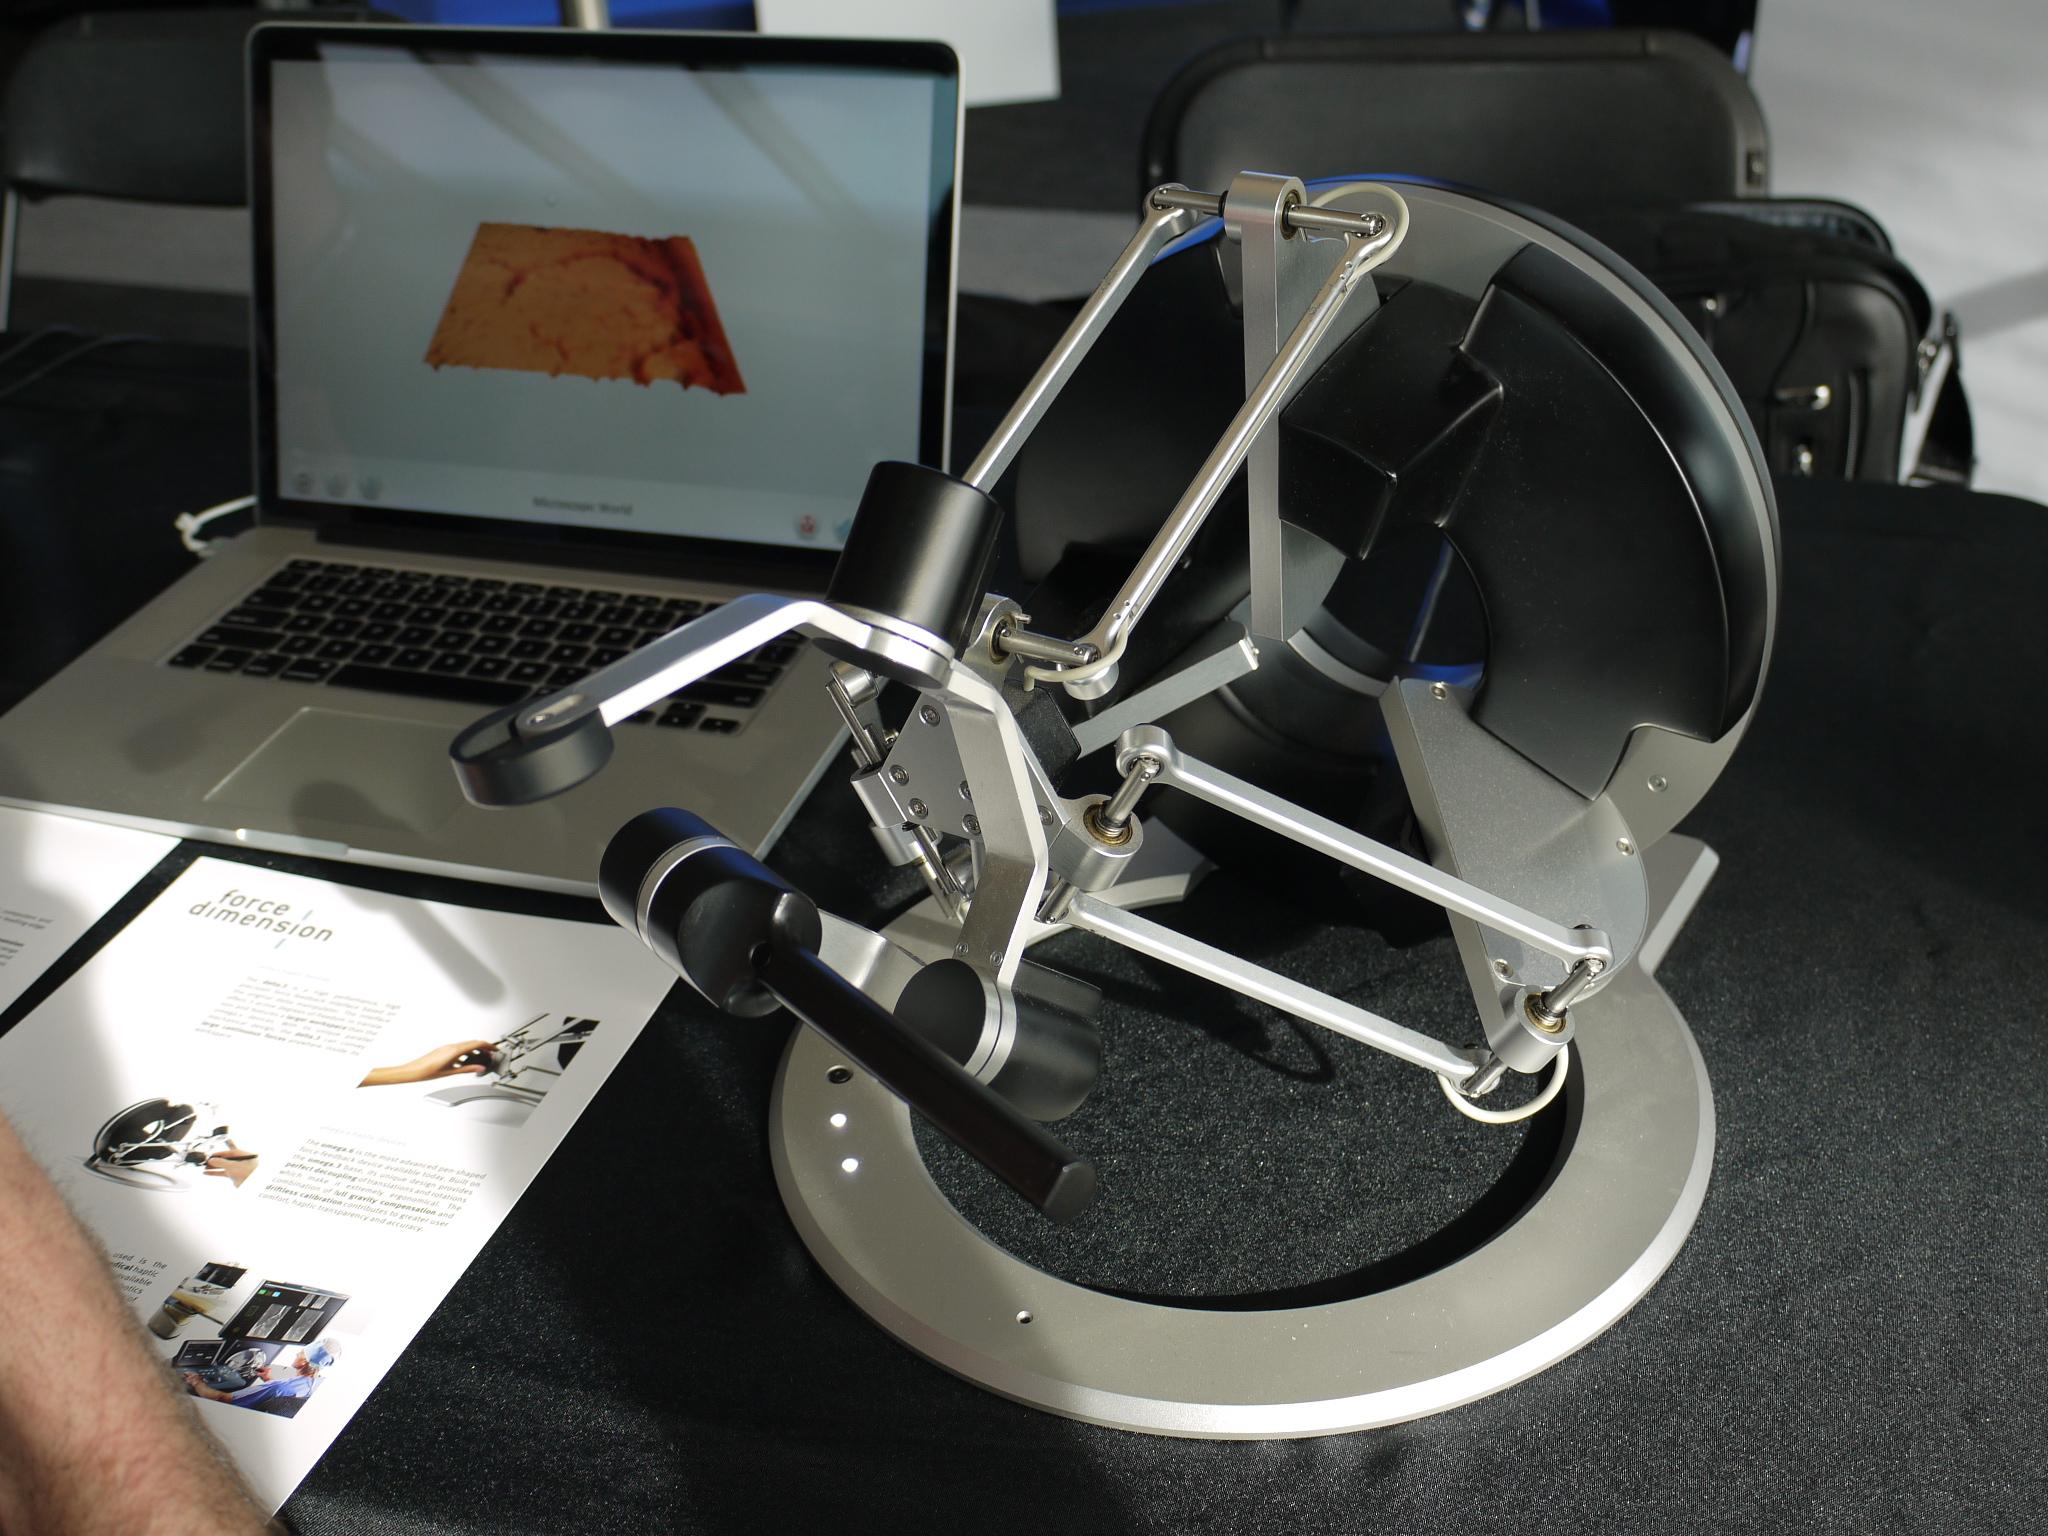 フォース・ディメンション社のフィードバック機器。同社は最大7軸までのエンド・エフェクターを開発している